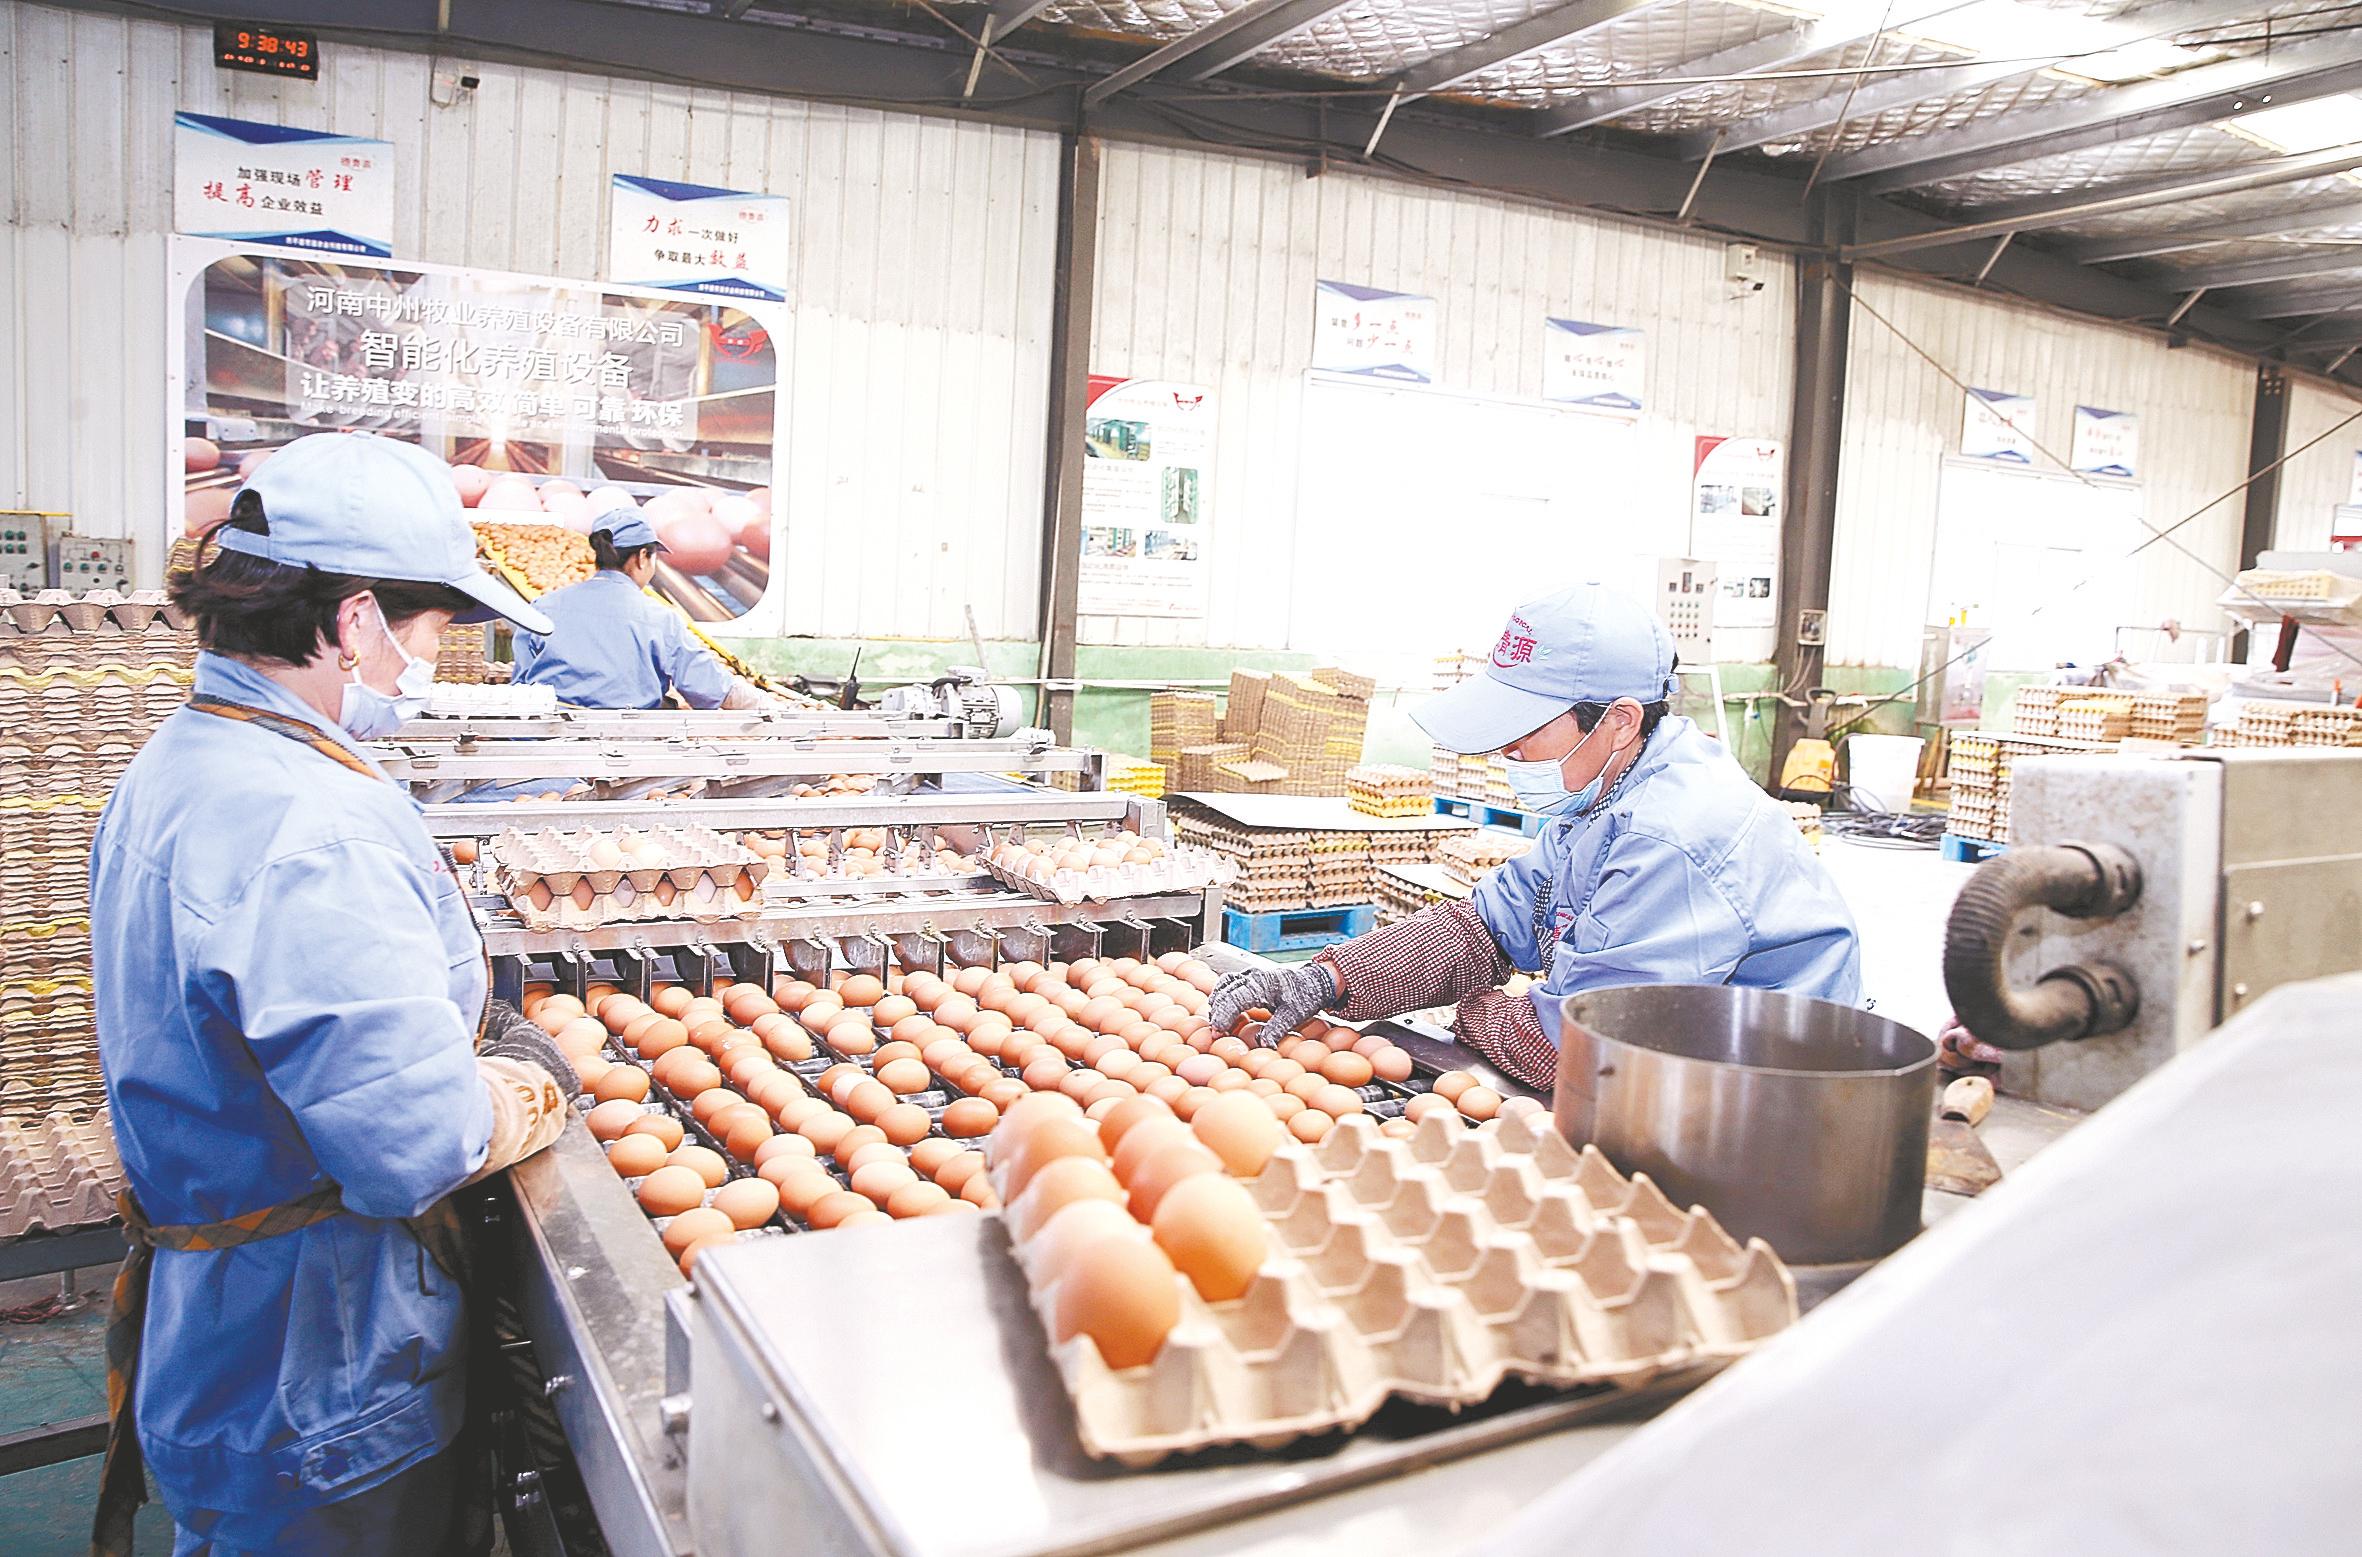 西平县:发展特色农业 助力乡村振兴